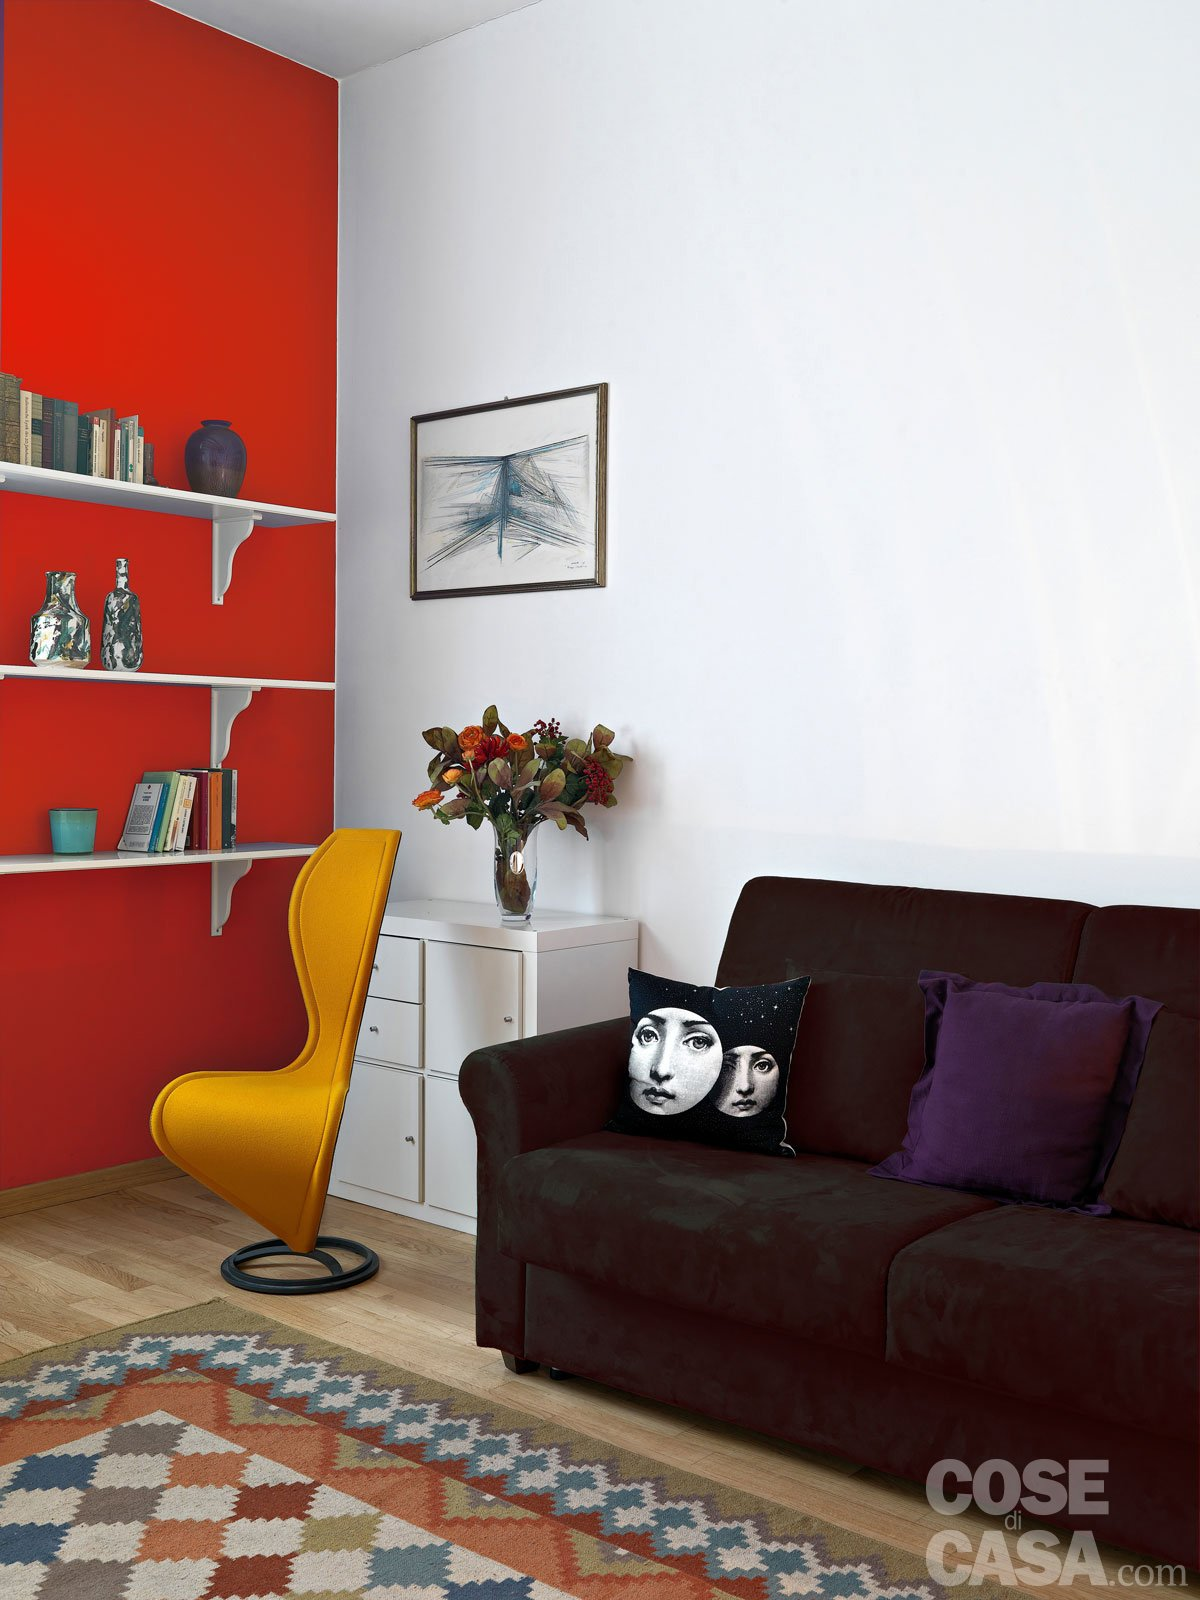 Pitturare le pareti: i trucchi che ingannano l\'occhio - Cose di Casa